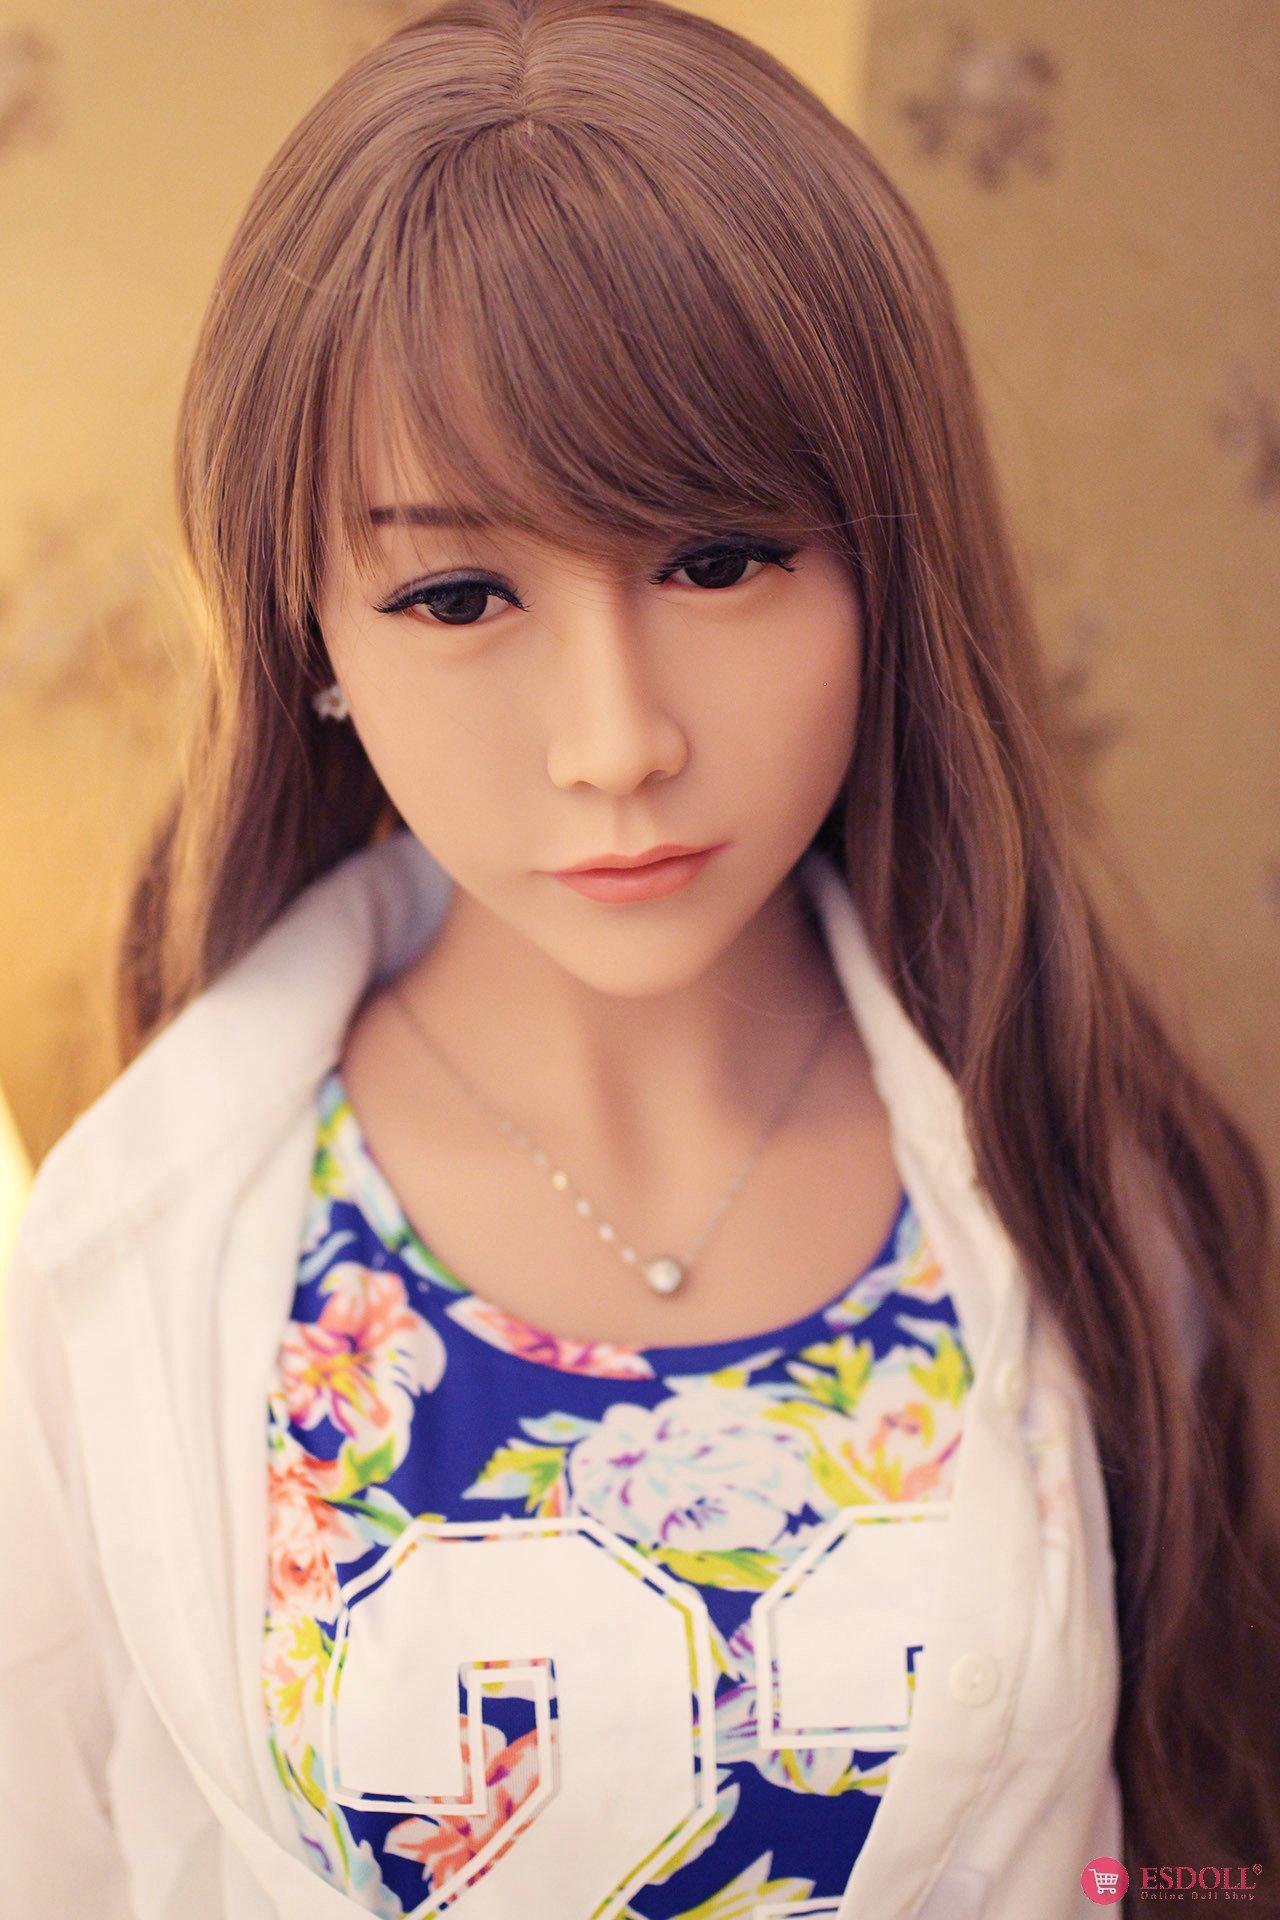 156cm 5.12ft Nicky sex doll - 17